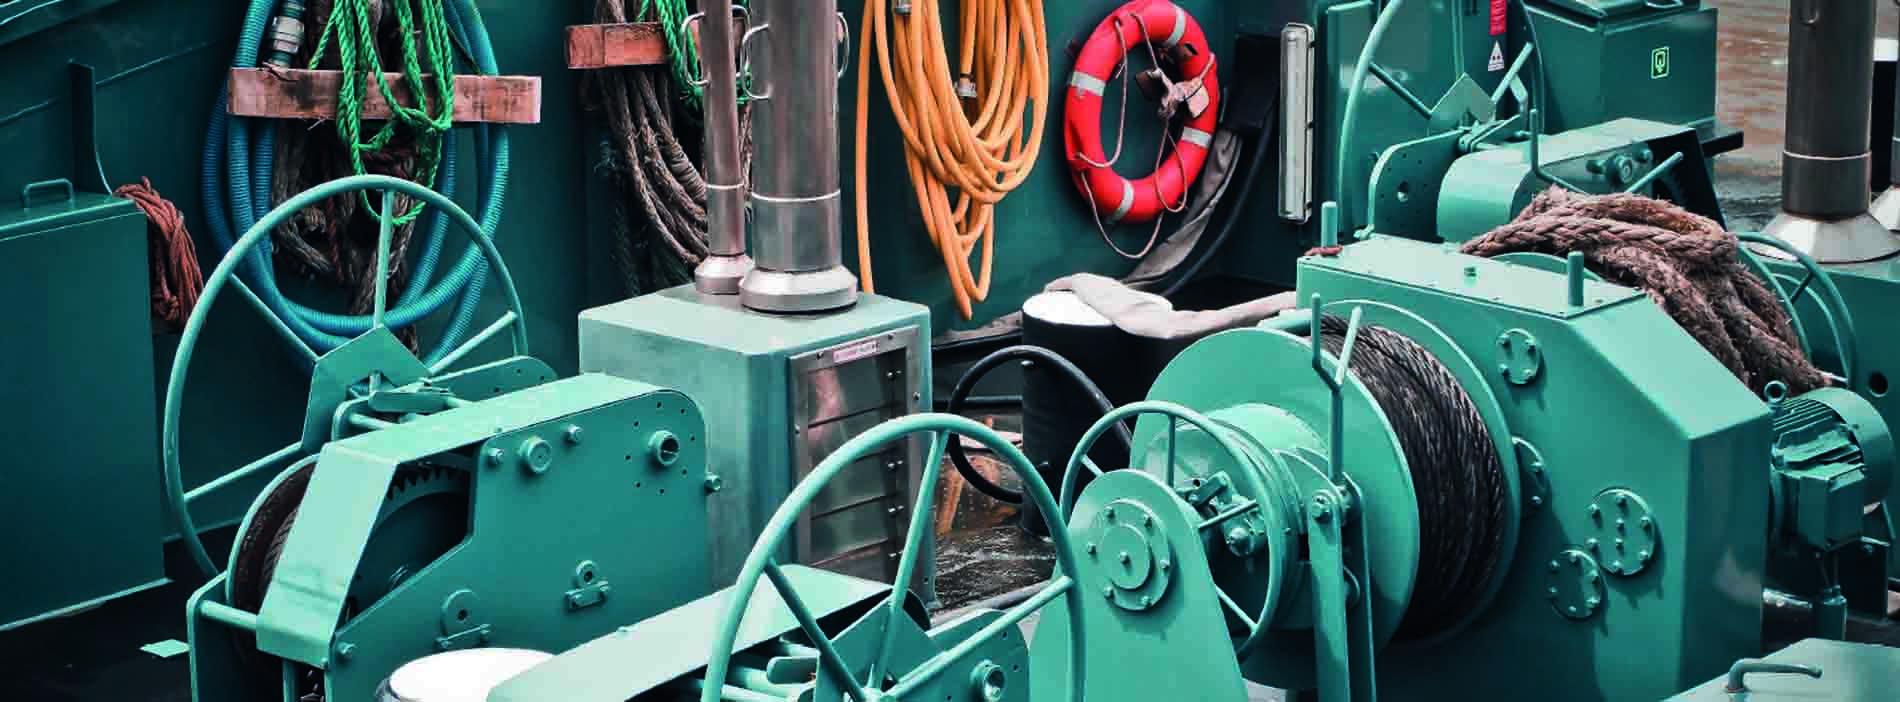 maquina de buque